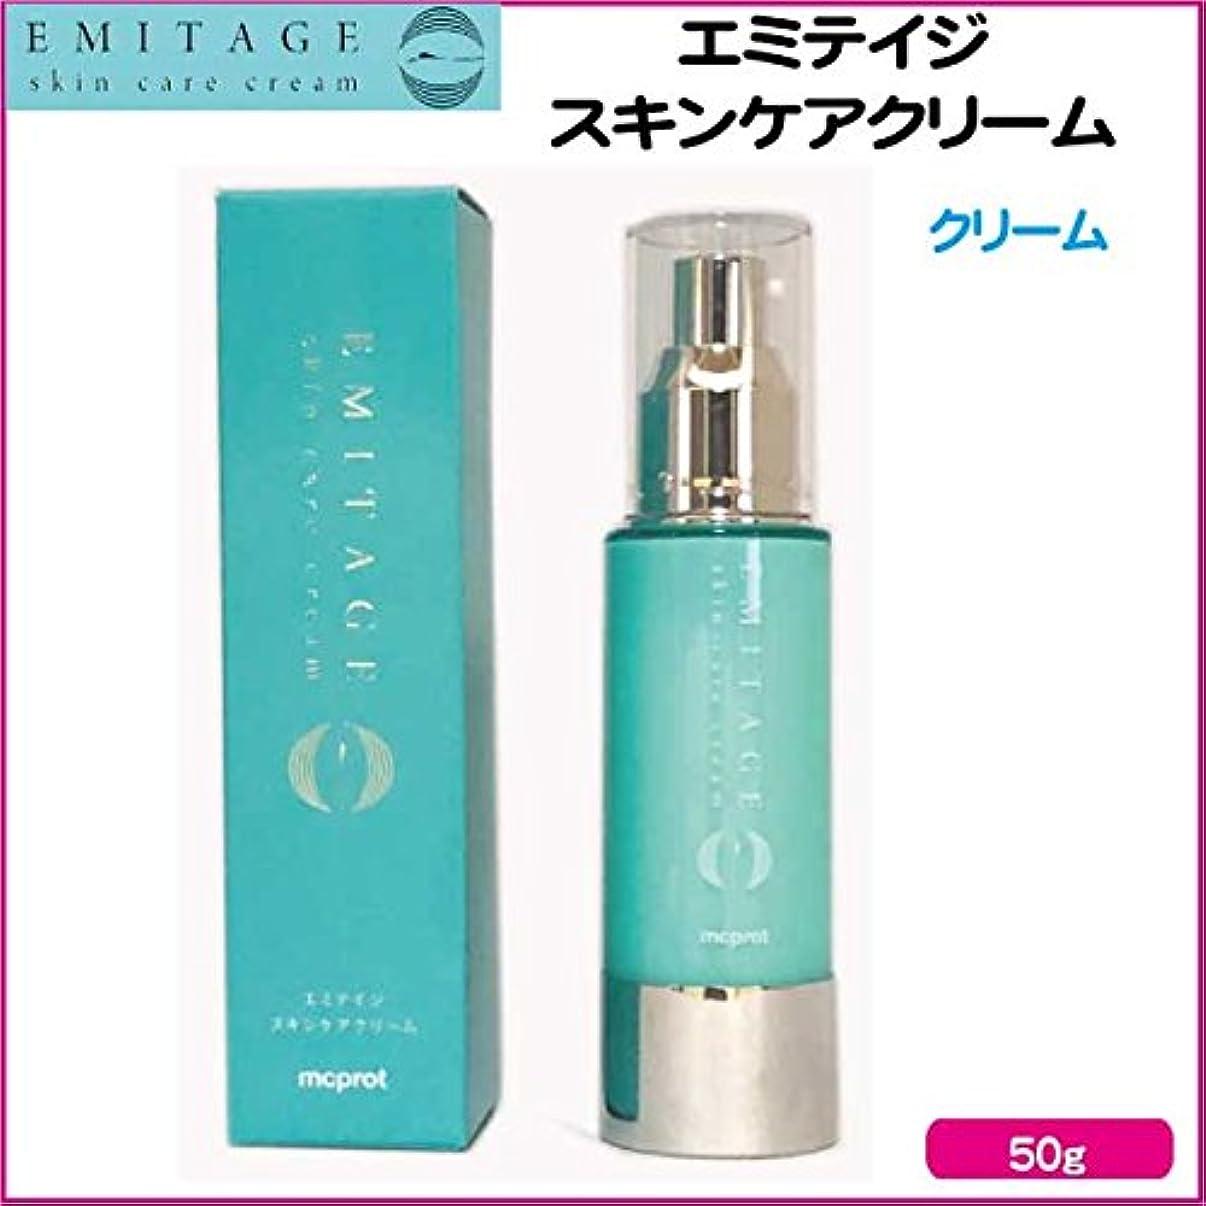 """星良さ鷹【クリーム】""""EMITAGE skin care cream エミテイ スキンケア クリーム"""" 50g 日本製"""